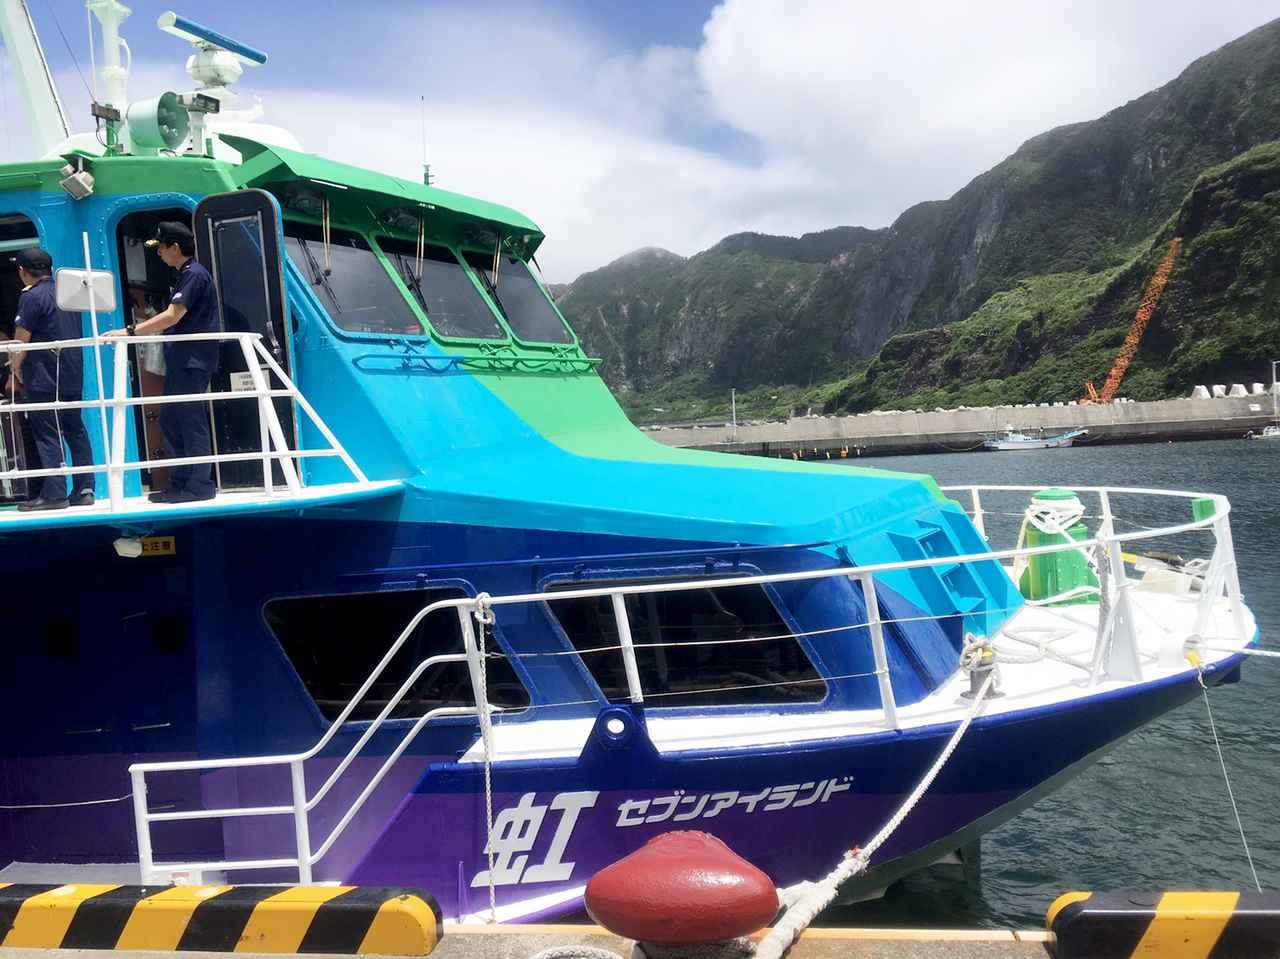 画像1: サーフアイランド新島、その印象と実際の雰囲気